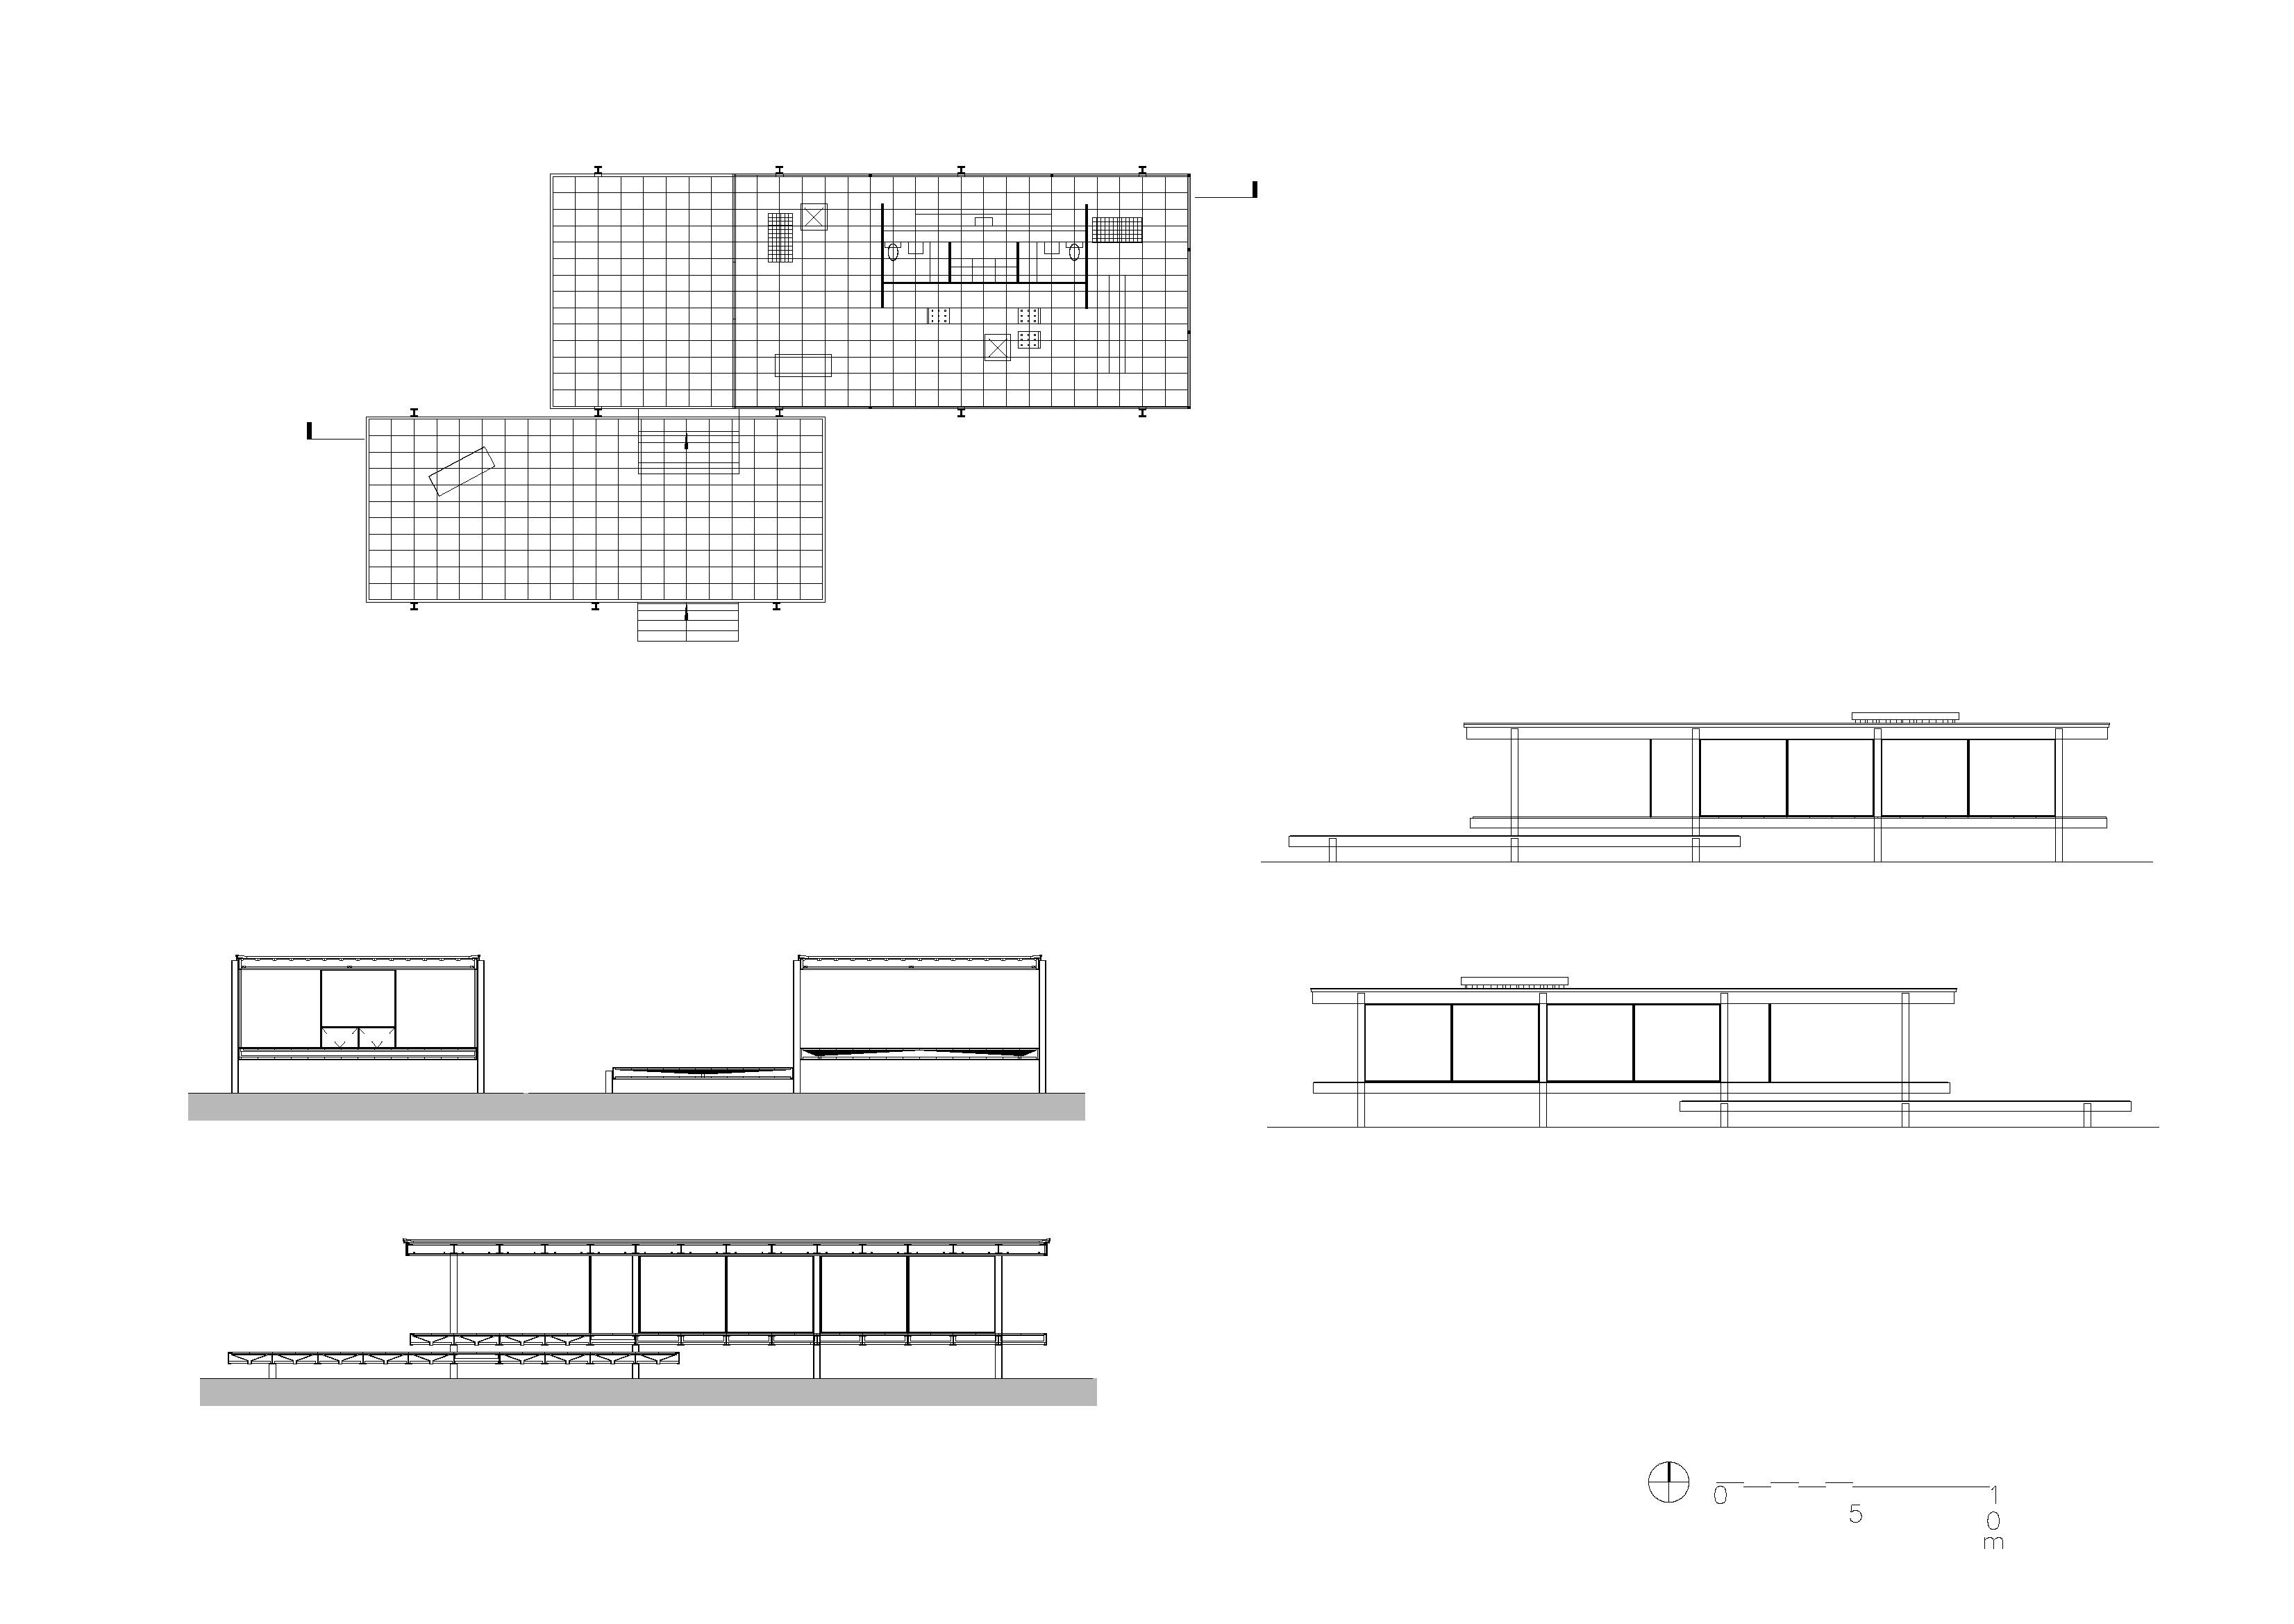 Anecdotes sur la maison farnsworth de mies van der rohe 432studio - Difference entre villa et maison ...